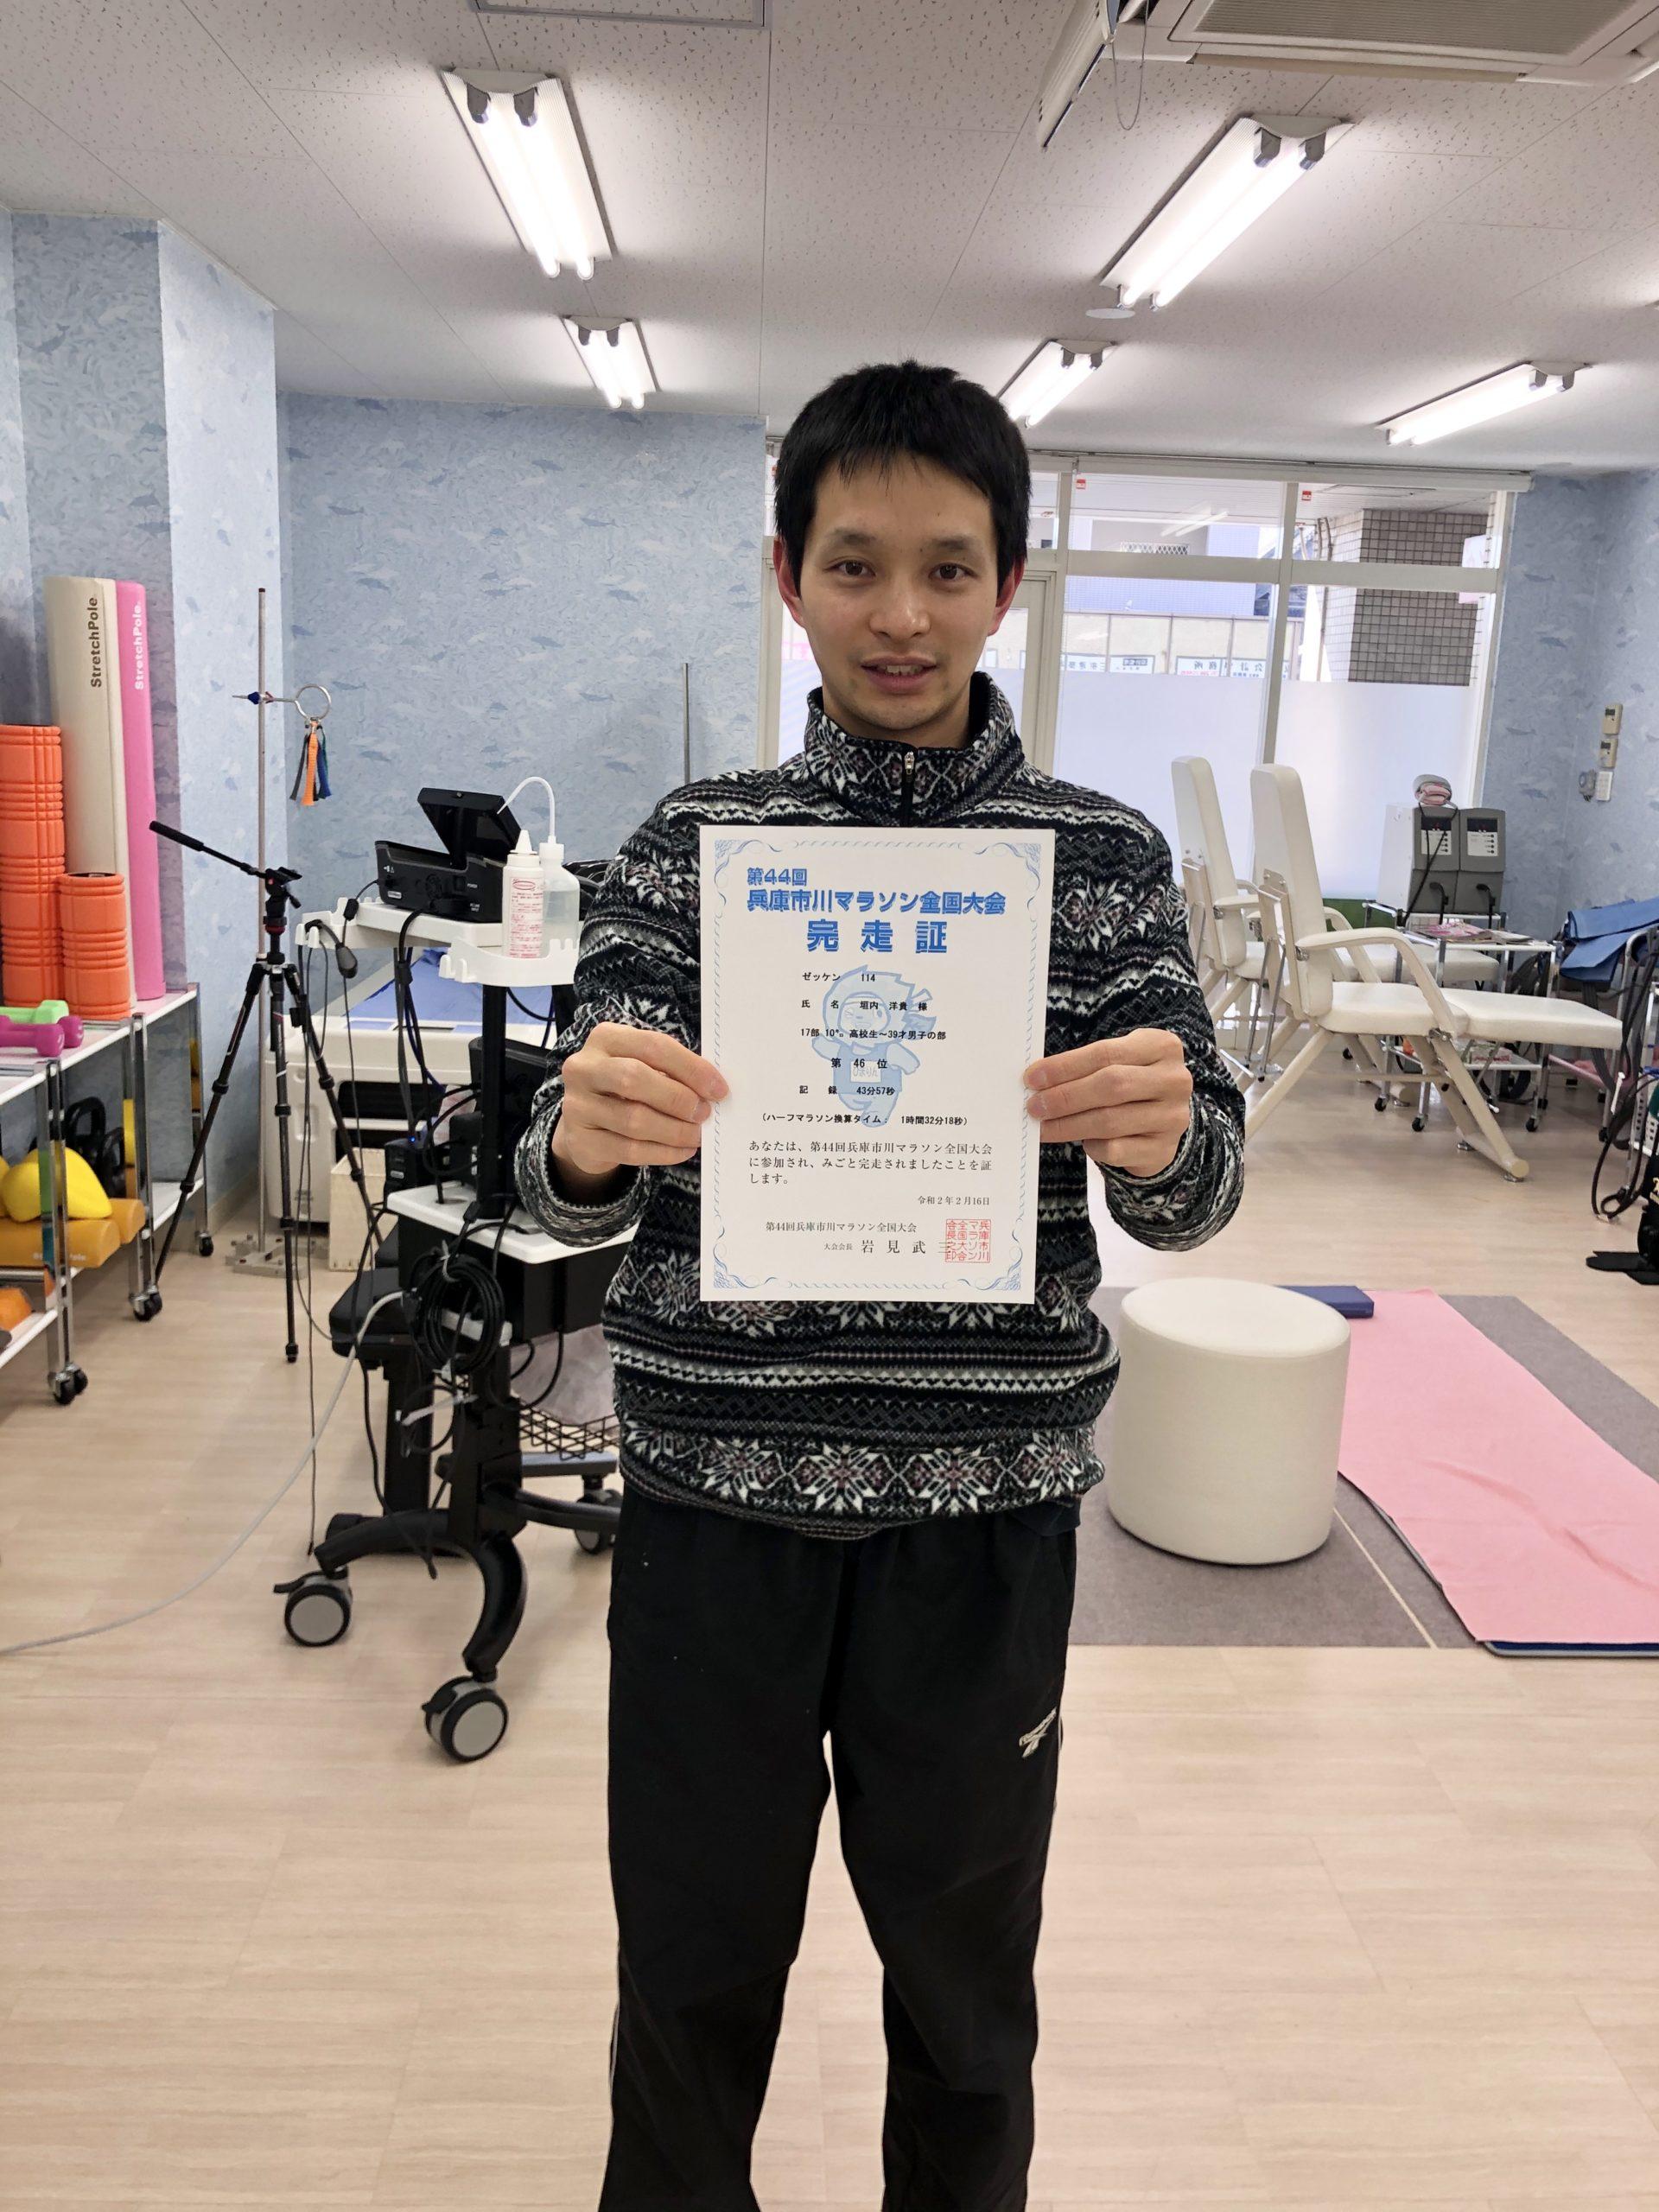 第44回兵庫市川マラソン全国大会 kakさん2